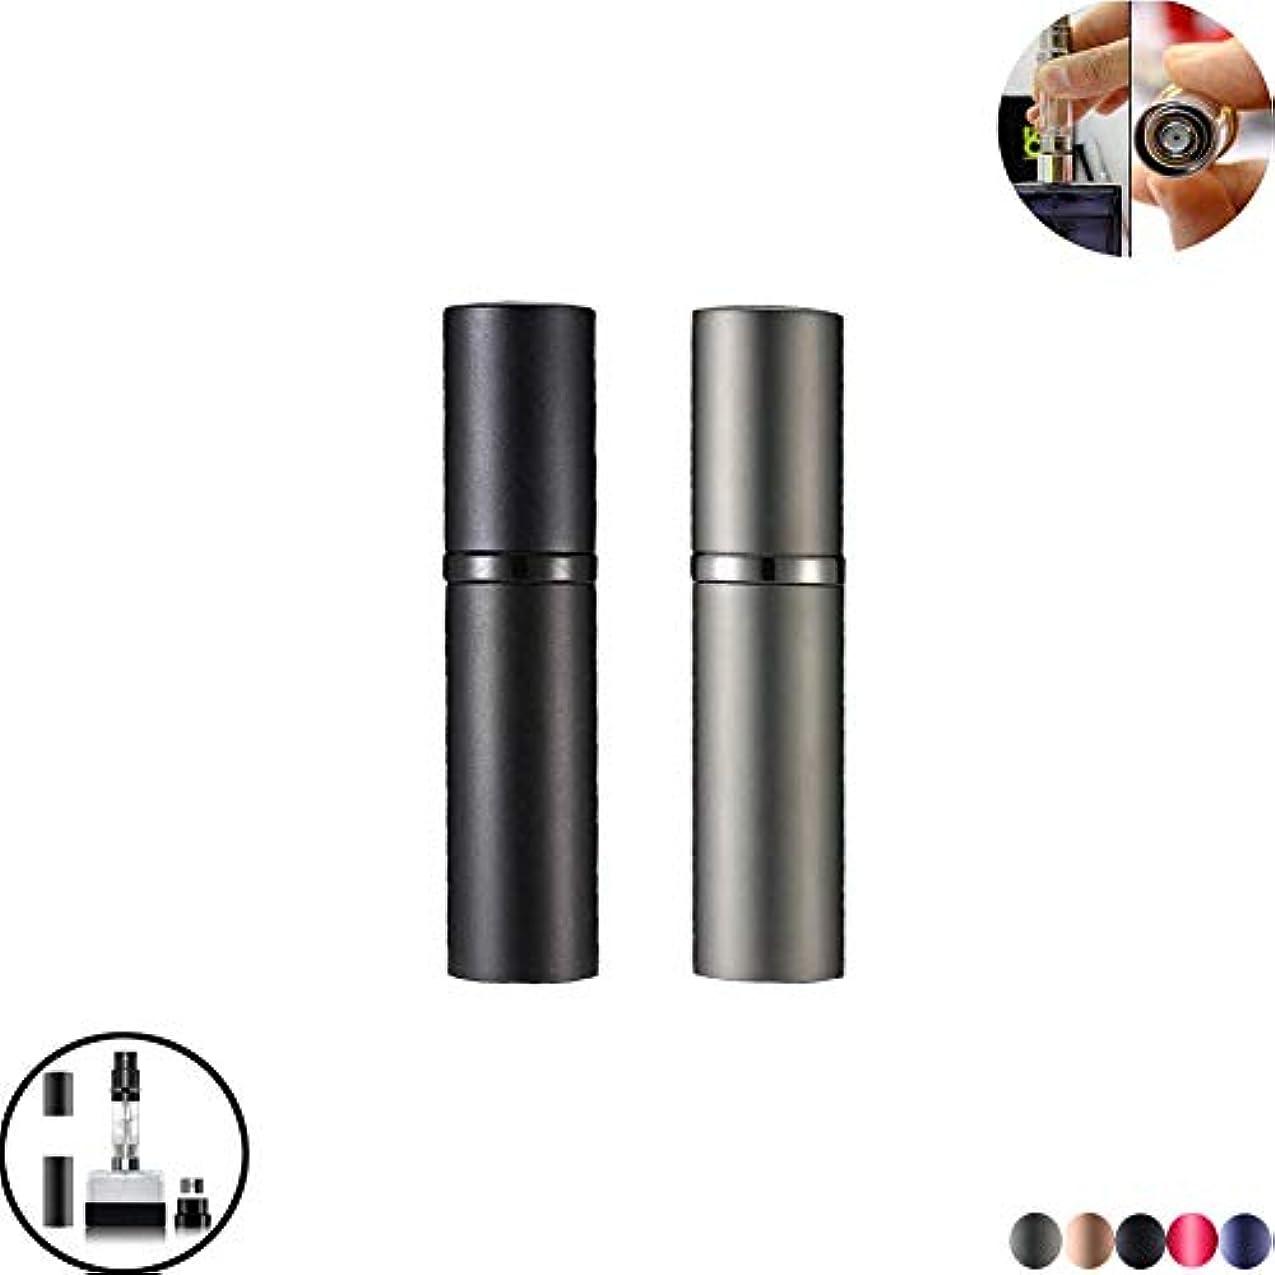 時々ポテト才能のあるアトマイザー 詰め替え AsaNana ポータブル クイック 香水噴霧器 携帯用 詰め替え容器 香水用 ワンタッチ補充 香水スプレー パフューム Quick Atomizer プシュ式 (Black +Gray)